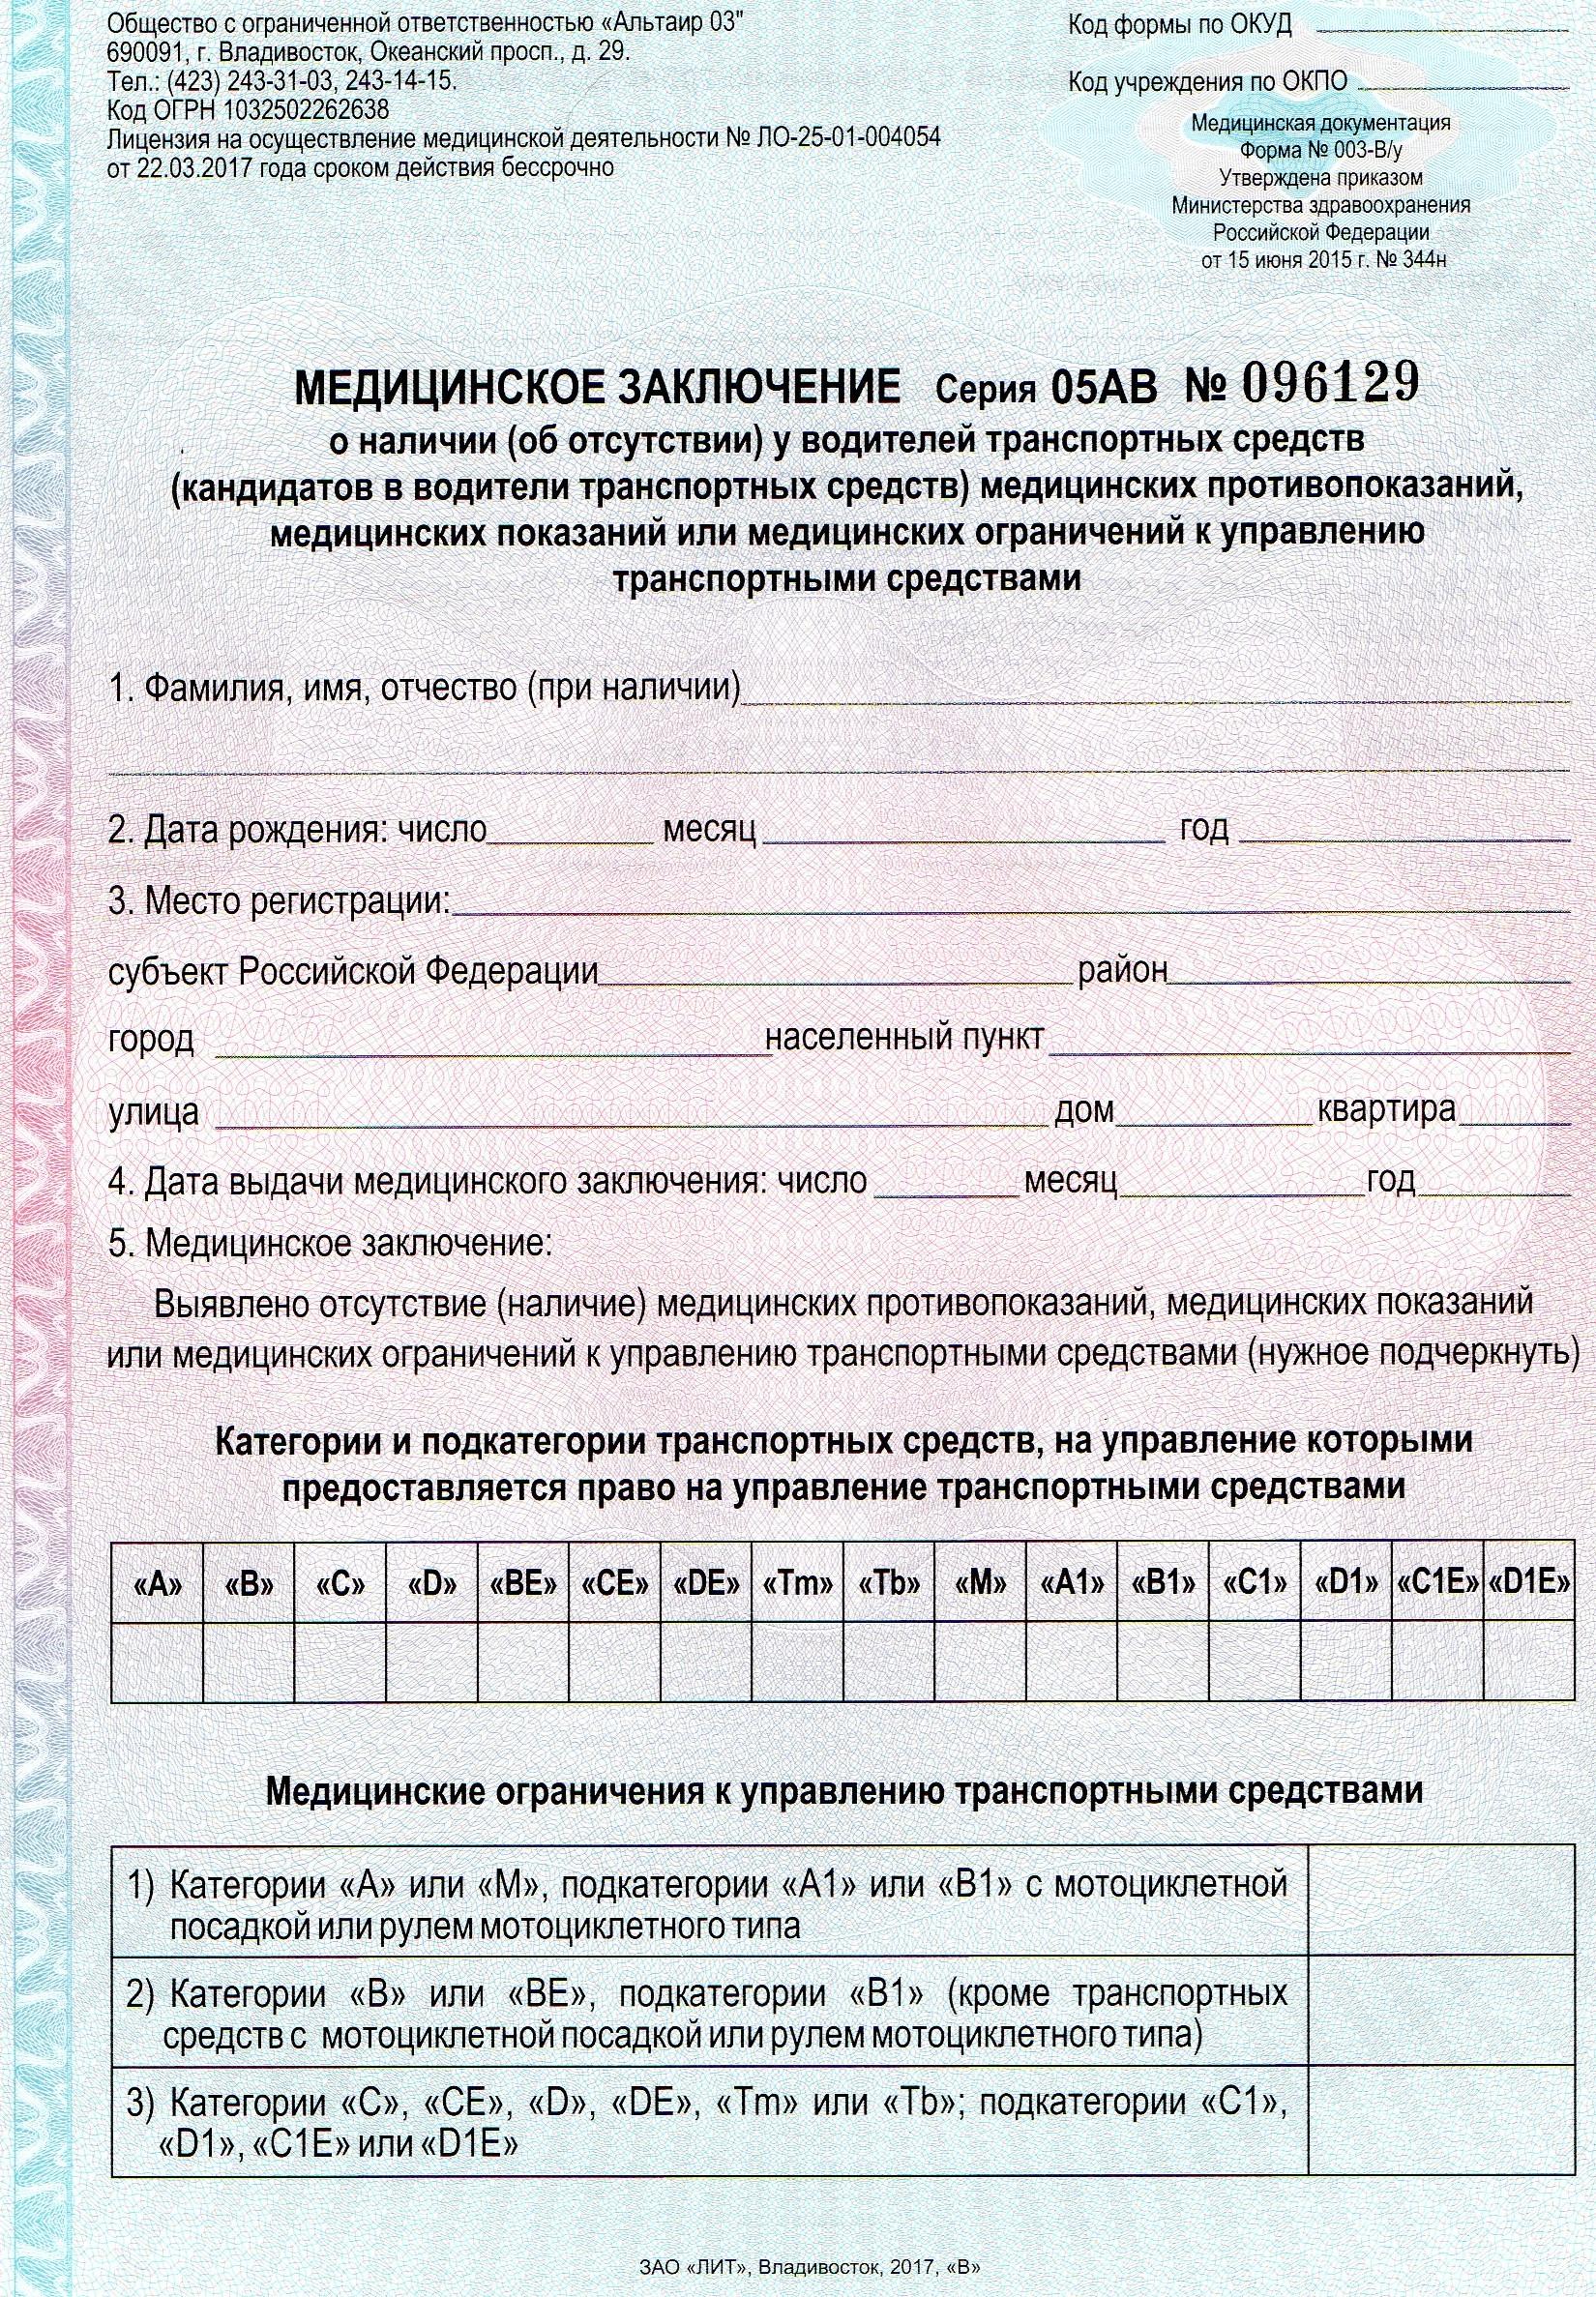 Медицинская справка для гаи м алтуфьево военно - медицинская академия санкт - петербург гайдар нейрохирург